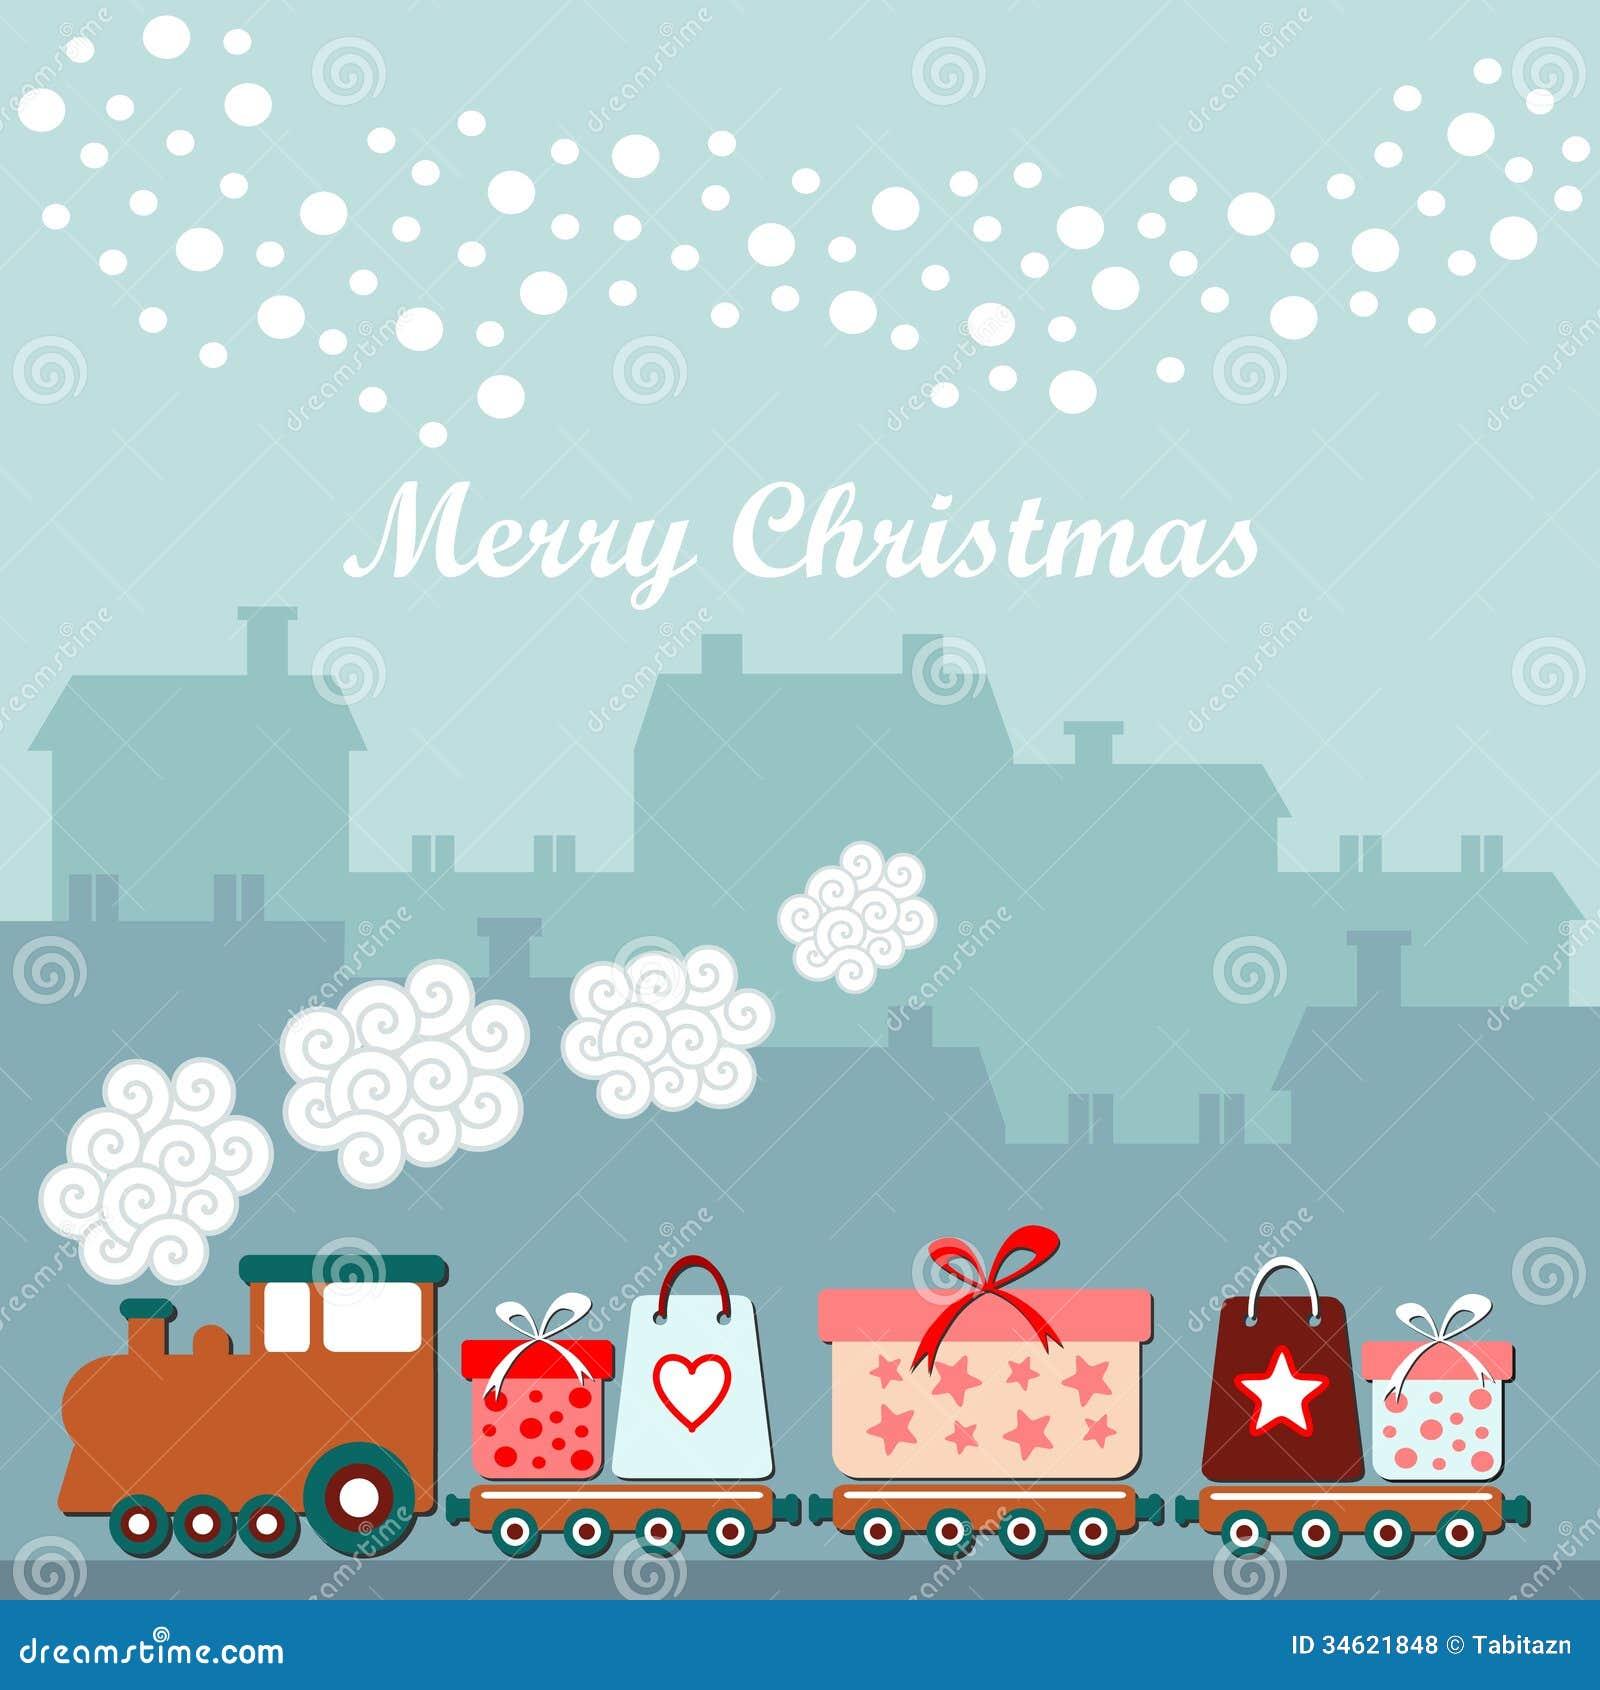 Nette Weihnachtskarte mit Zug, Geschenke, Winterhäuser, fallende Schneeflocken, Illustrationshintergrund